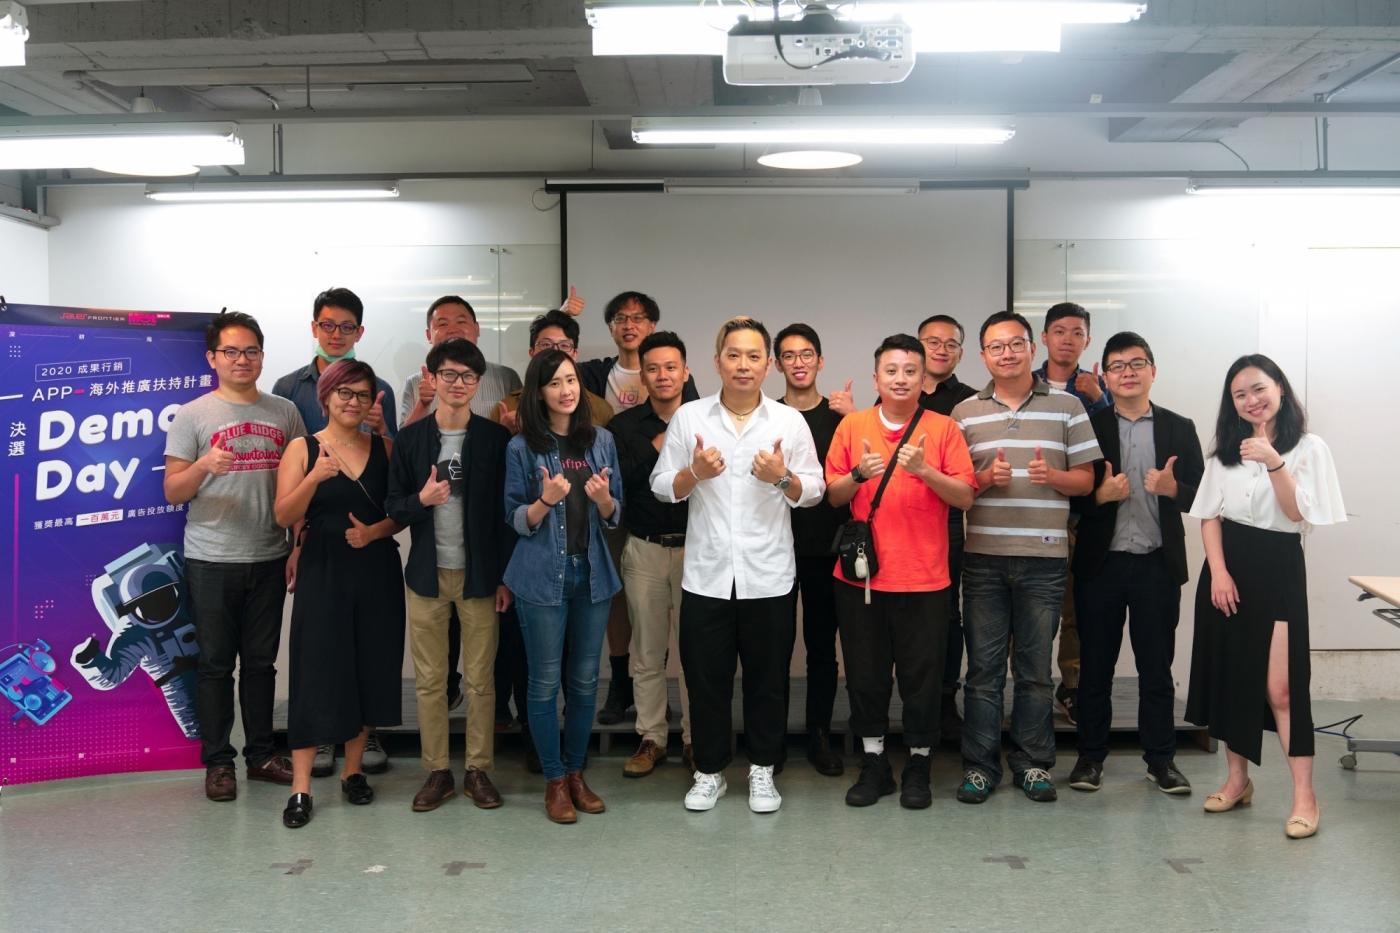 全方位海外推廣資源啟動!成果行銷助攻台灣APP前進海外市場